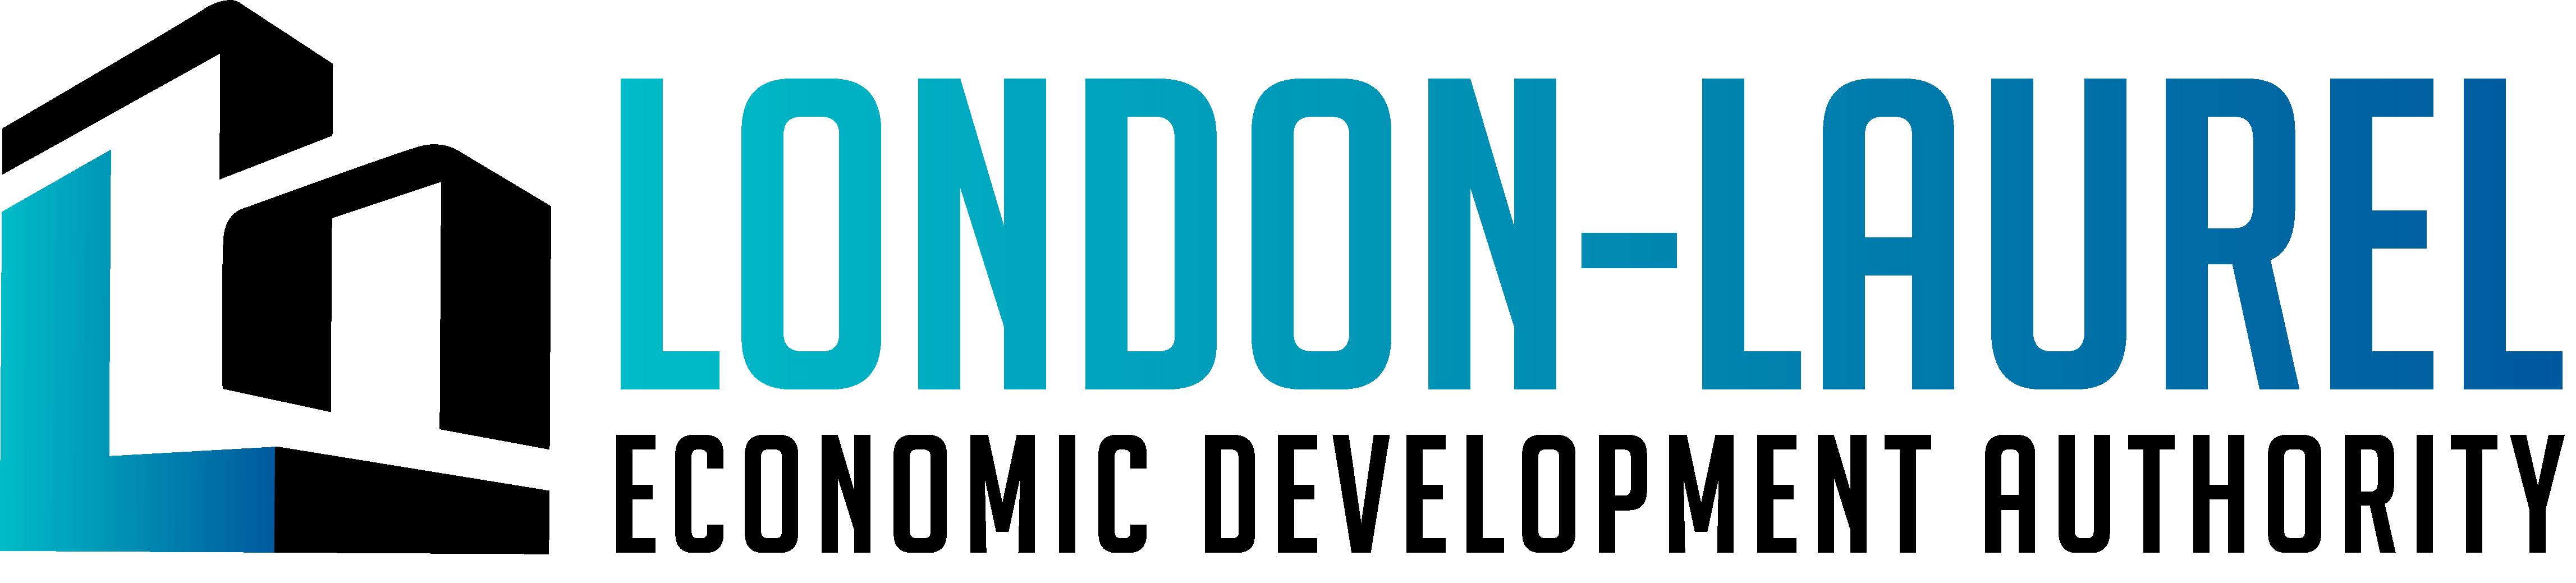 London Laurel County Economic Development Authority